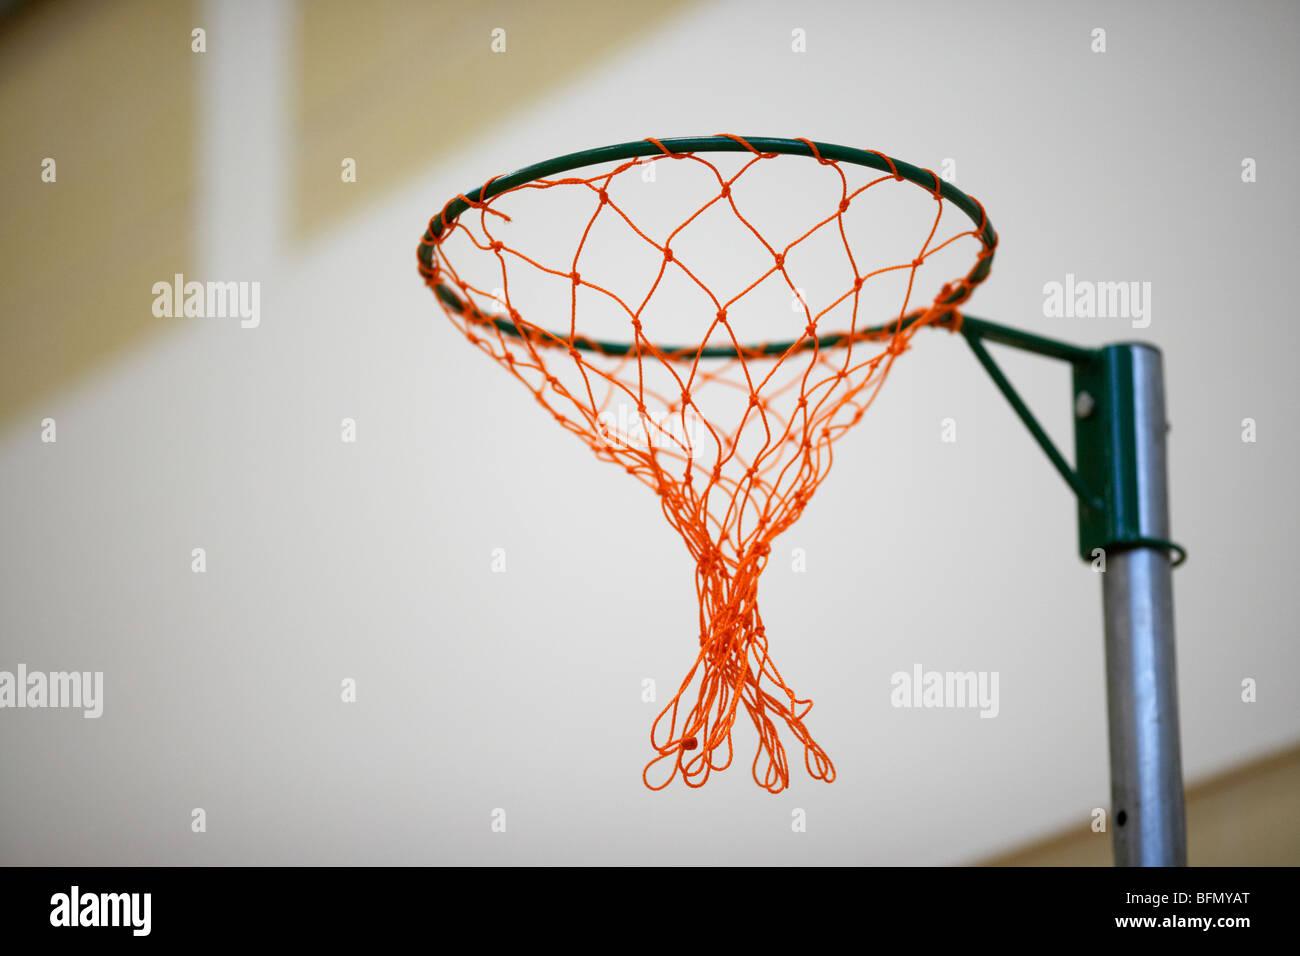 El balonvolea net en una escuela gimnasio polideportivo enfoque selectivo Imagen De Stock